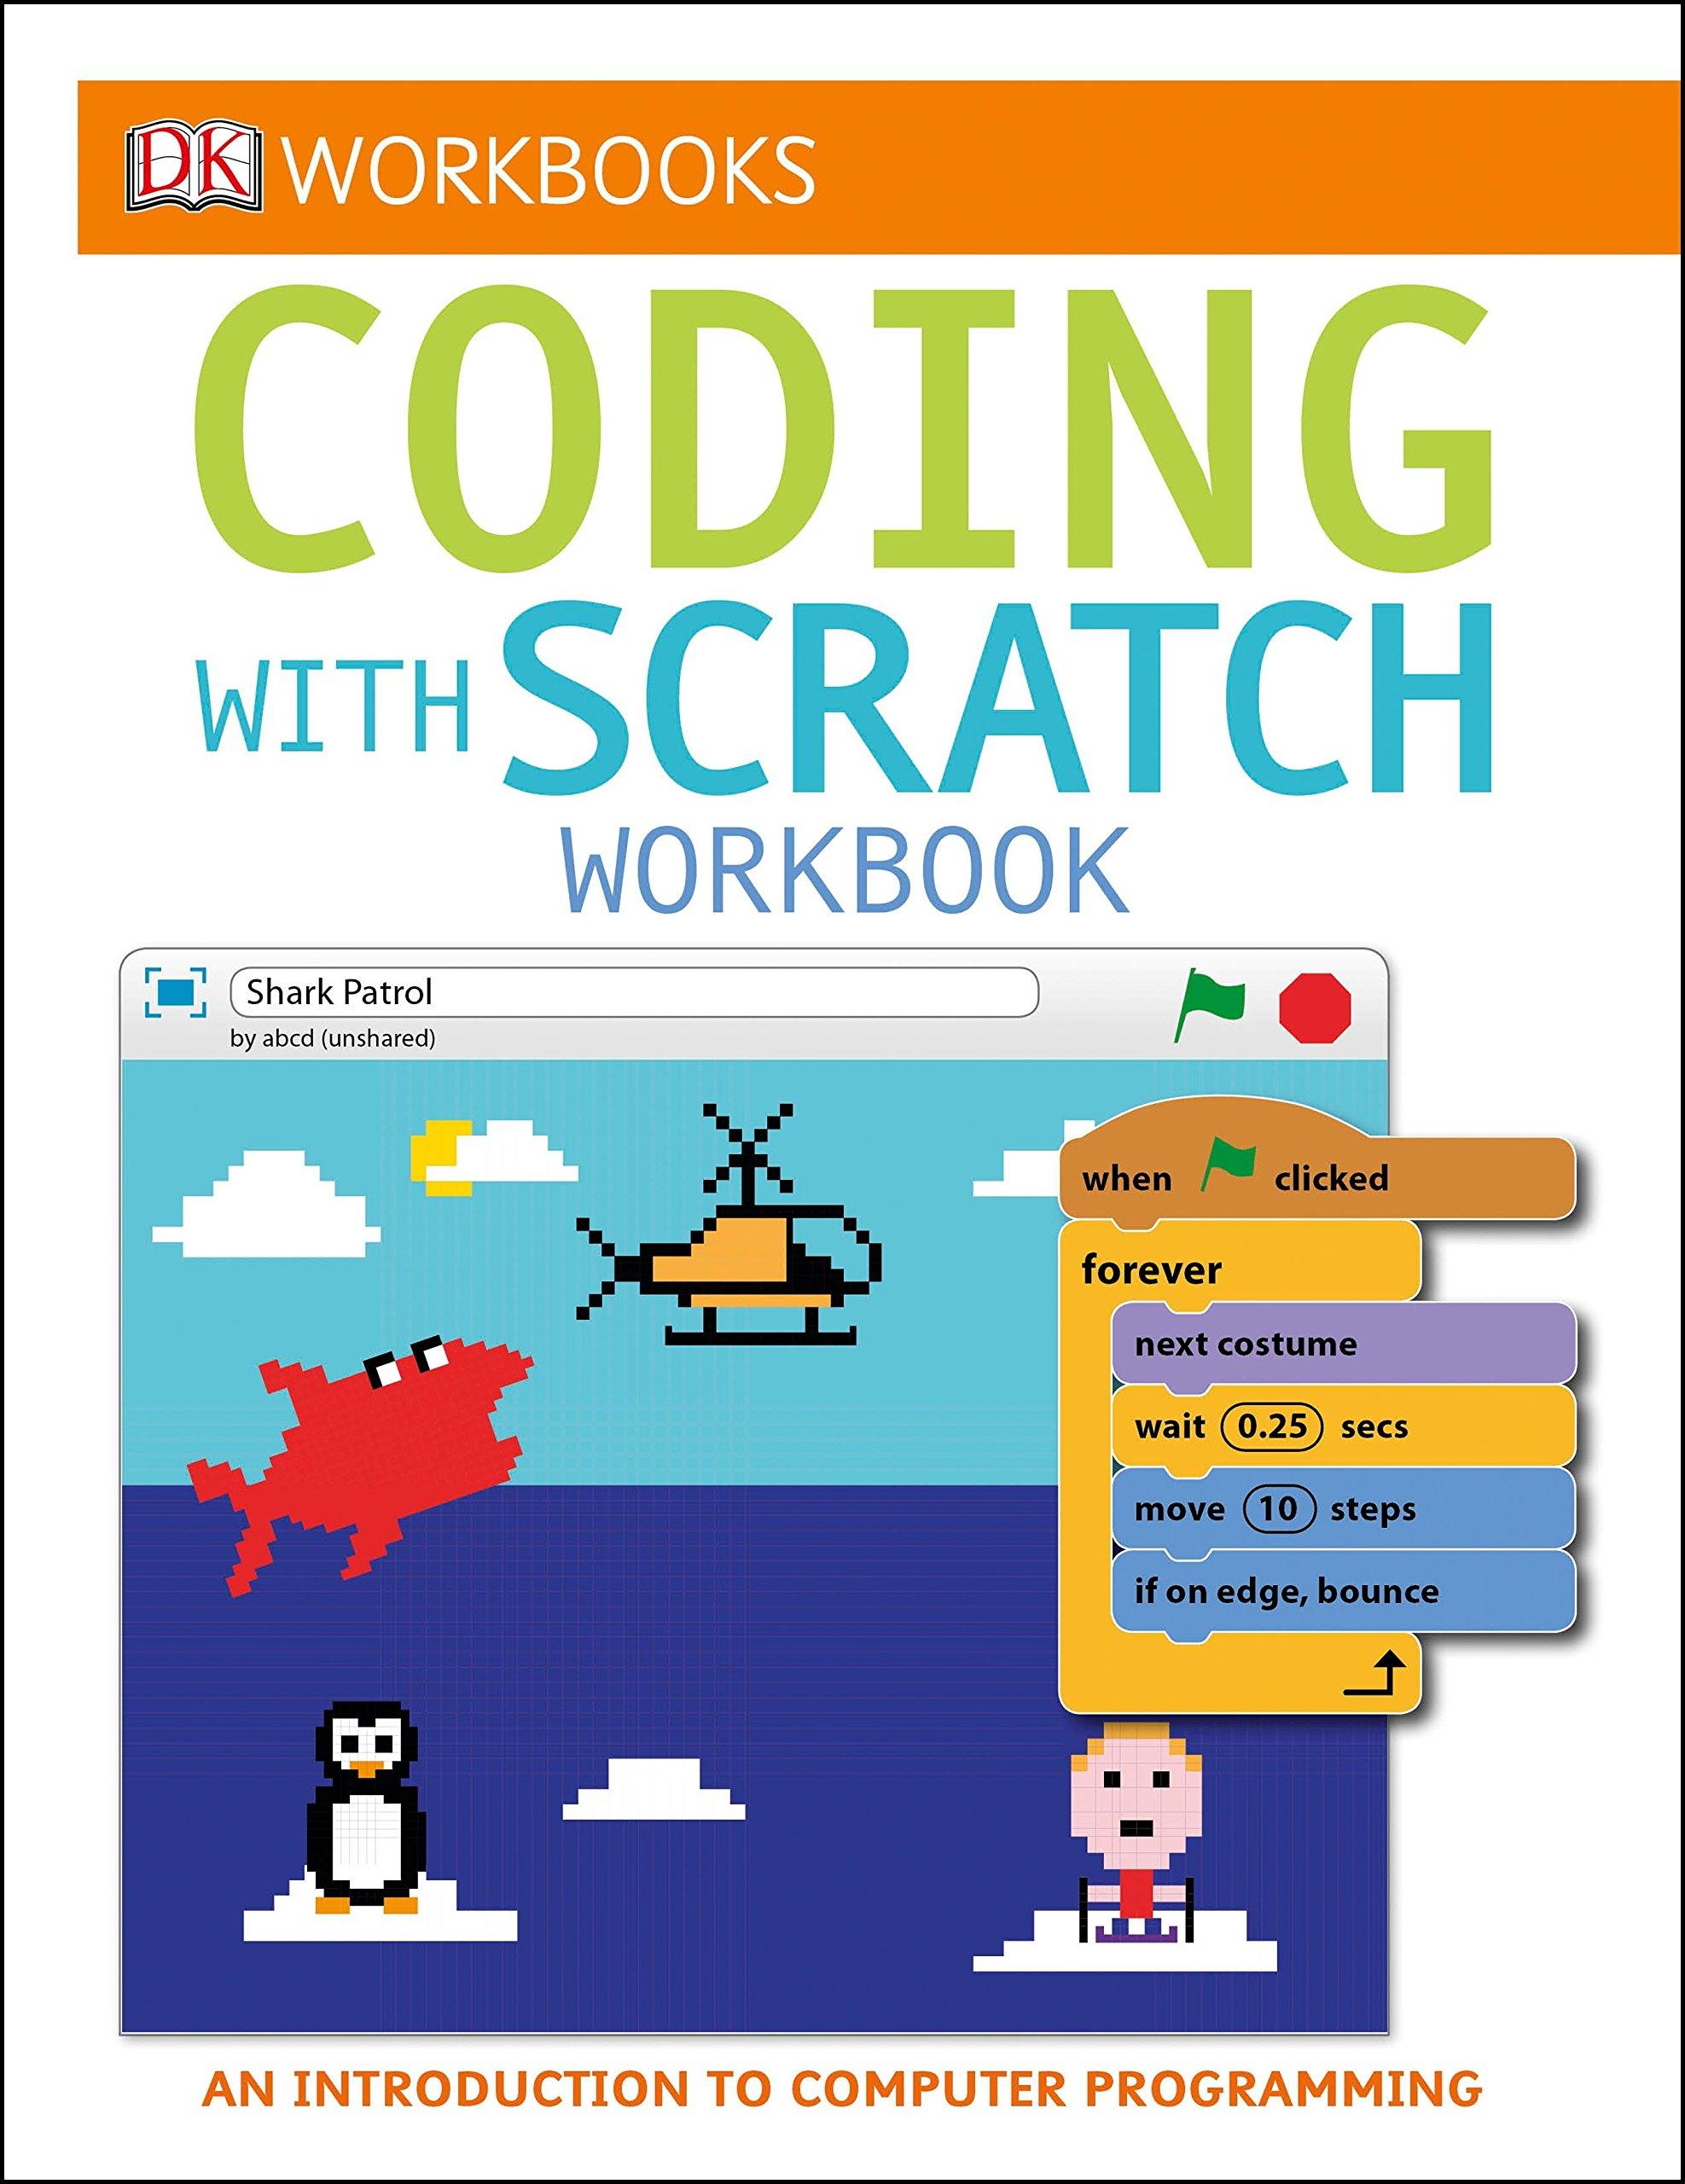 DK Workbooks: Coding with Scratch Workbook: DK: 9781465443922 ...